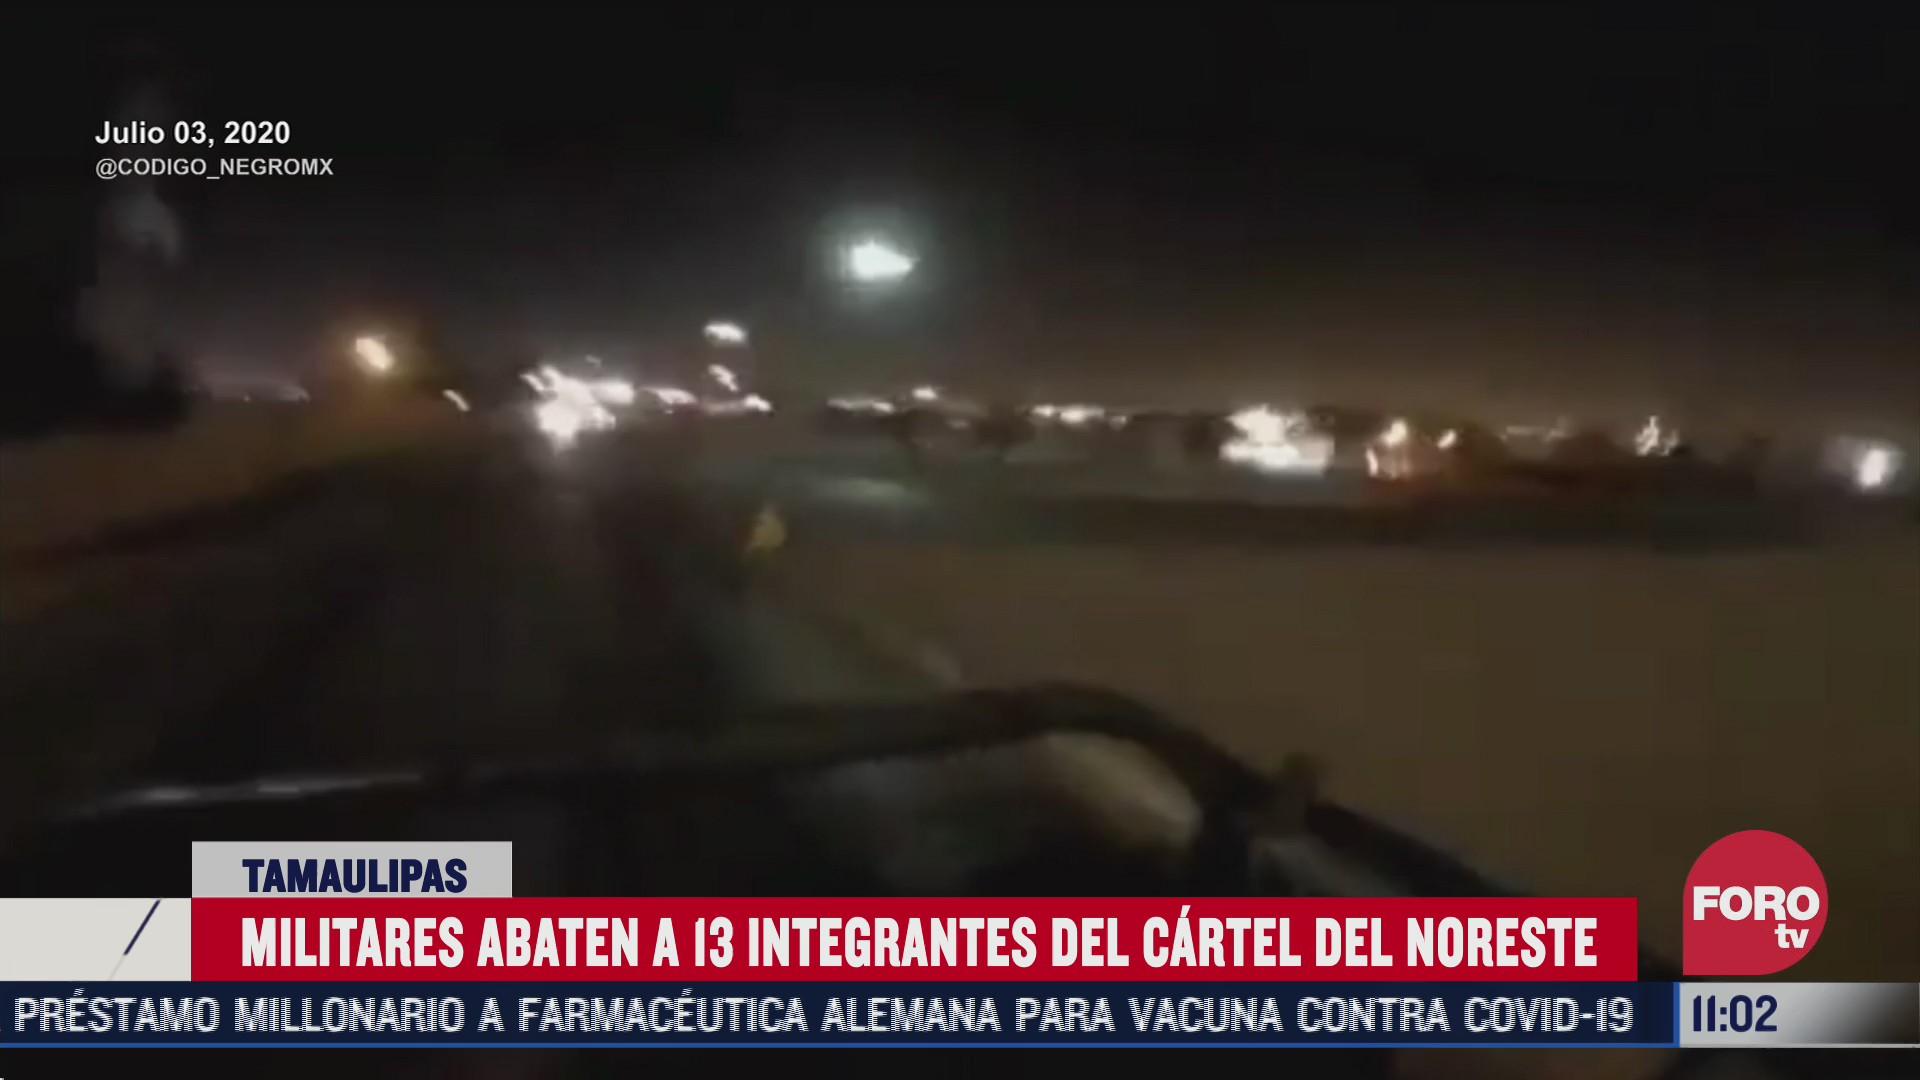 militares abaten a 13 integrantes del cartel del noreste